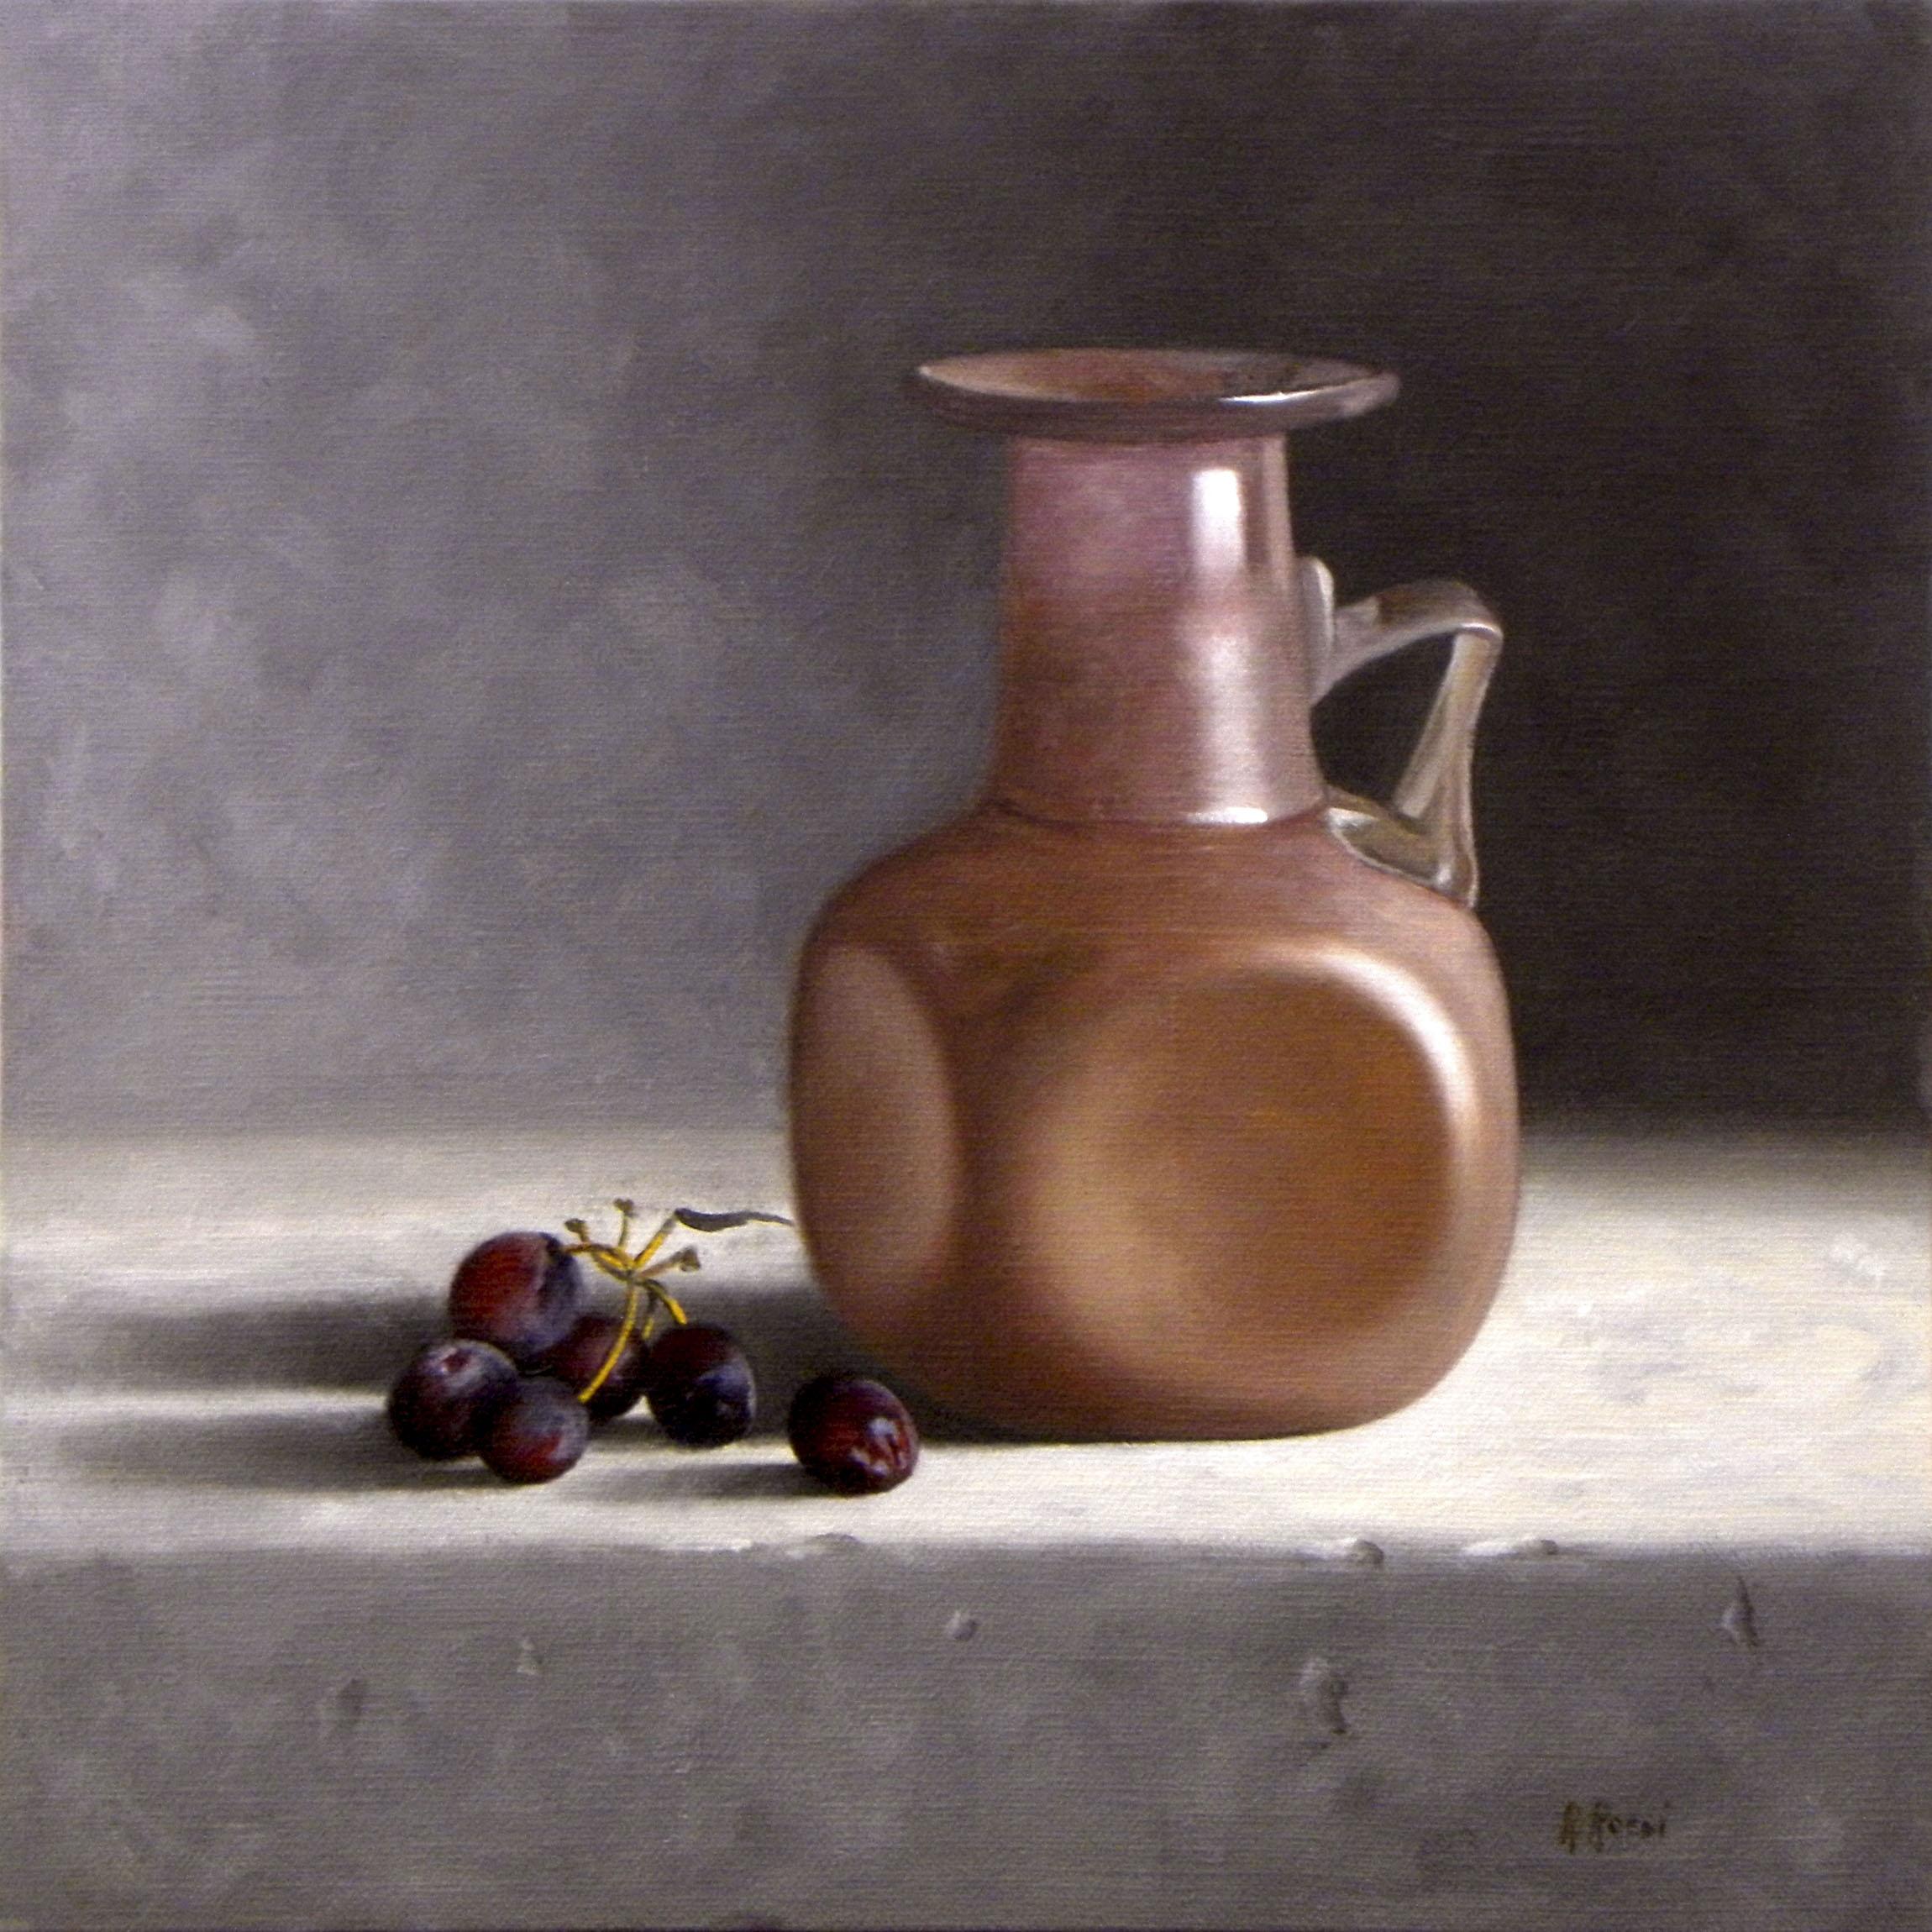 2014 roberta rossi - murano nello studio - olio su tela applicata a cartone - 30 x 30